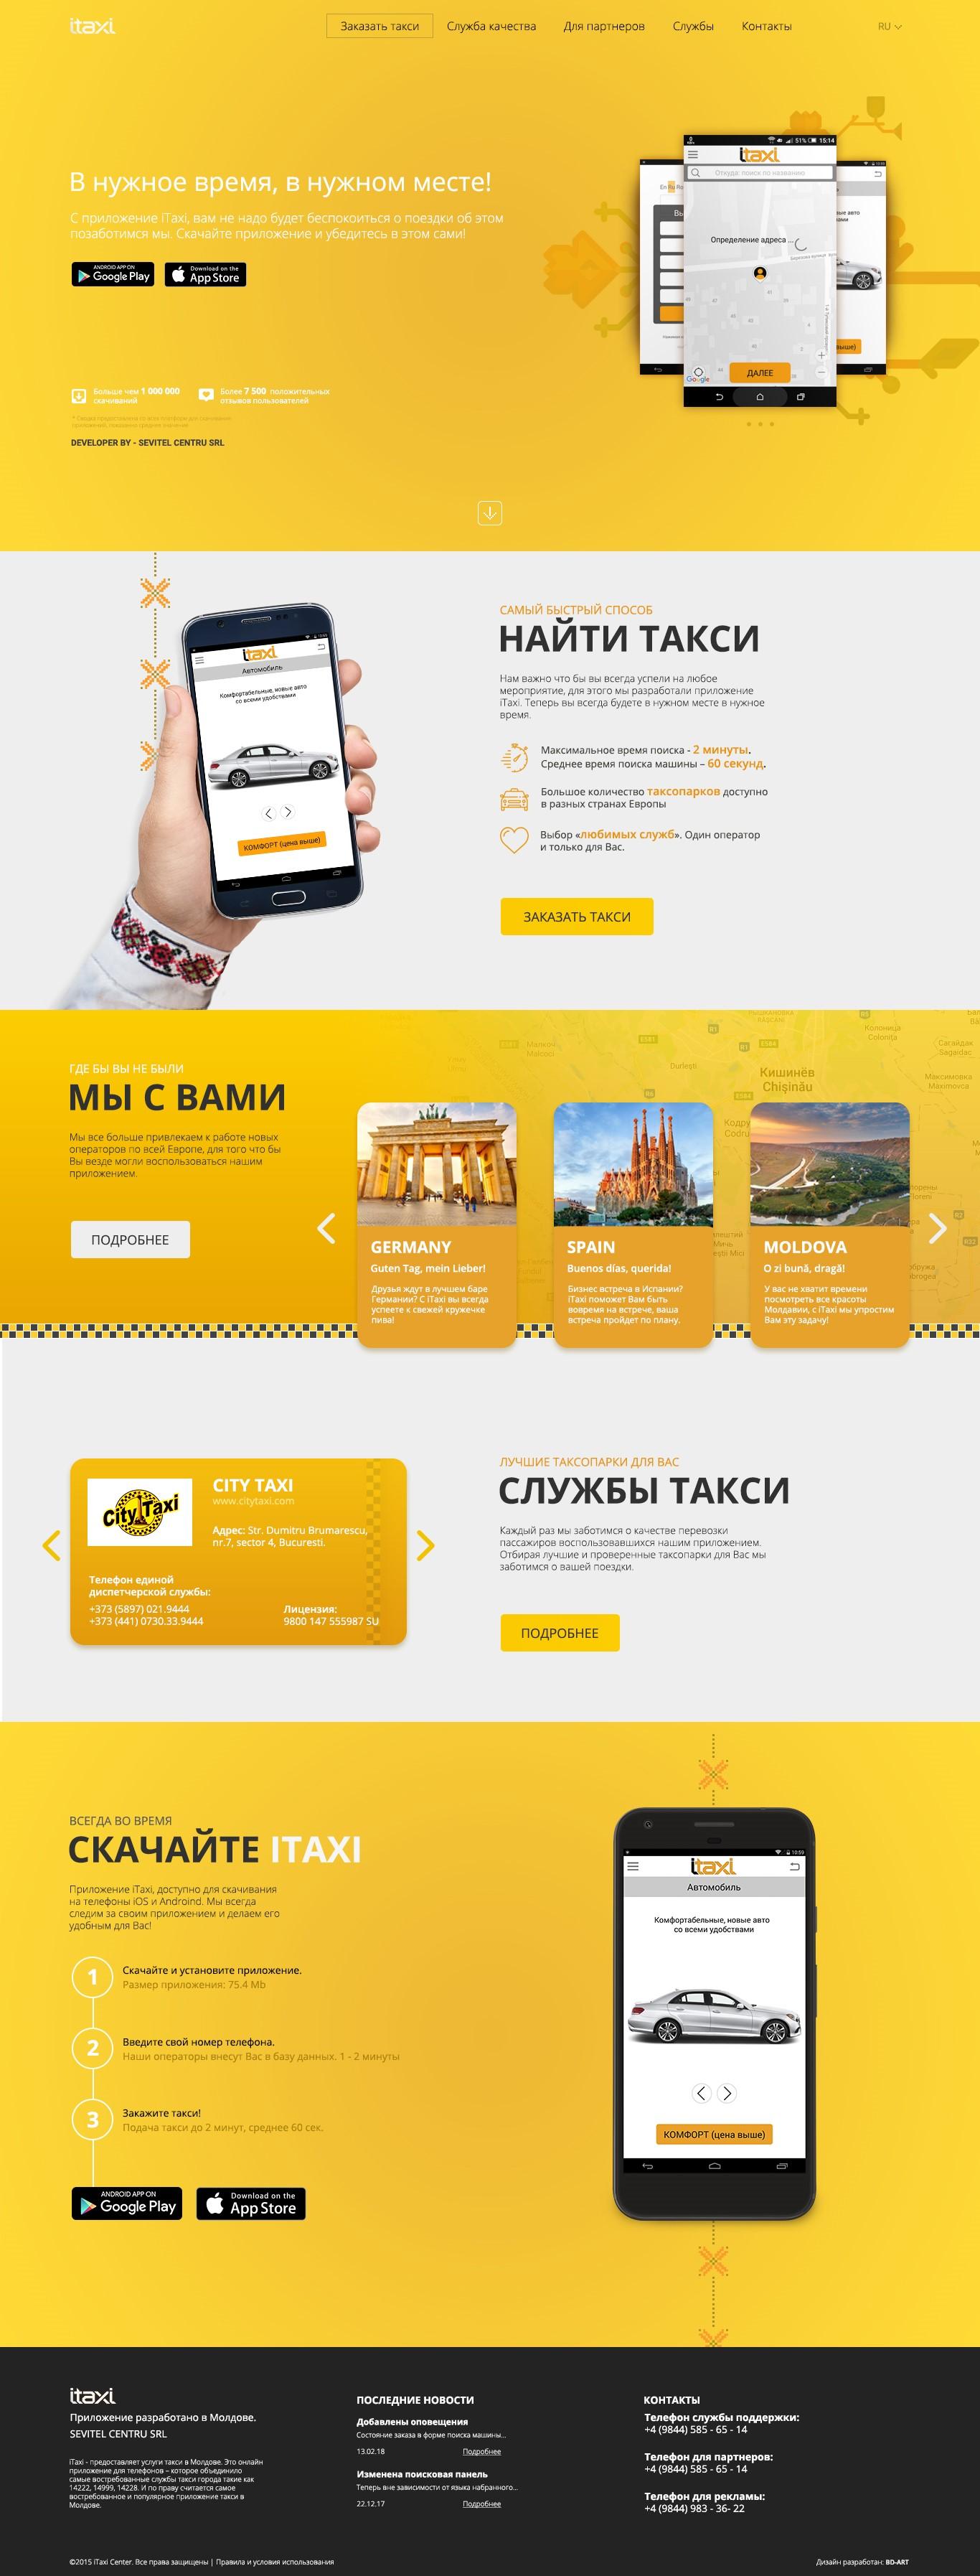 Редизайн сайта www.itaxi.md фото f_9525a1589d6e1205.jpg